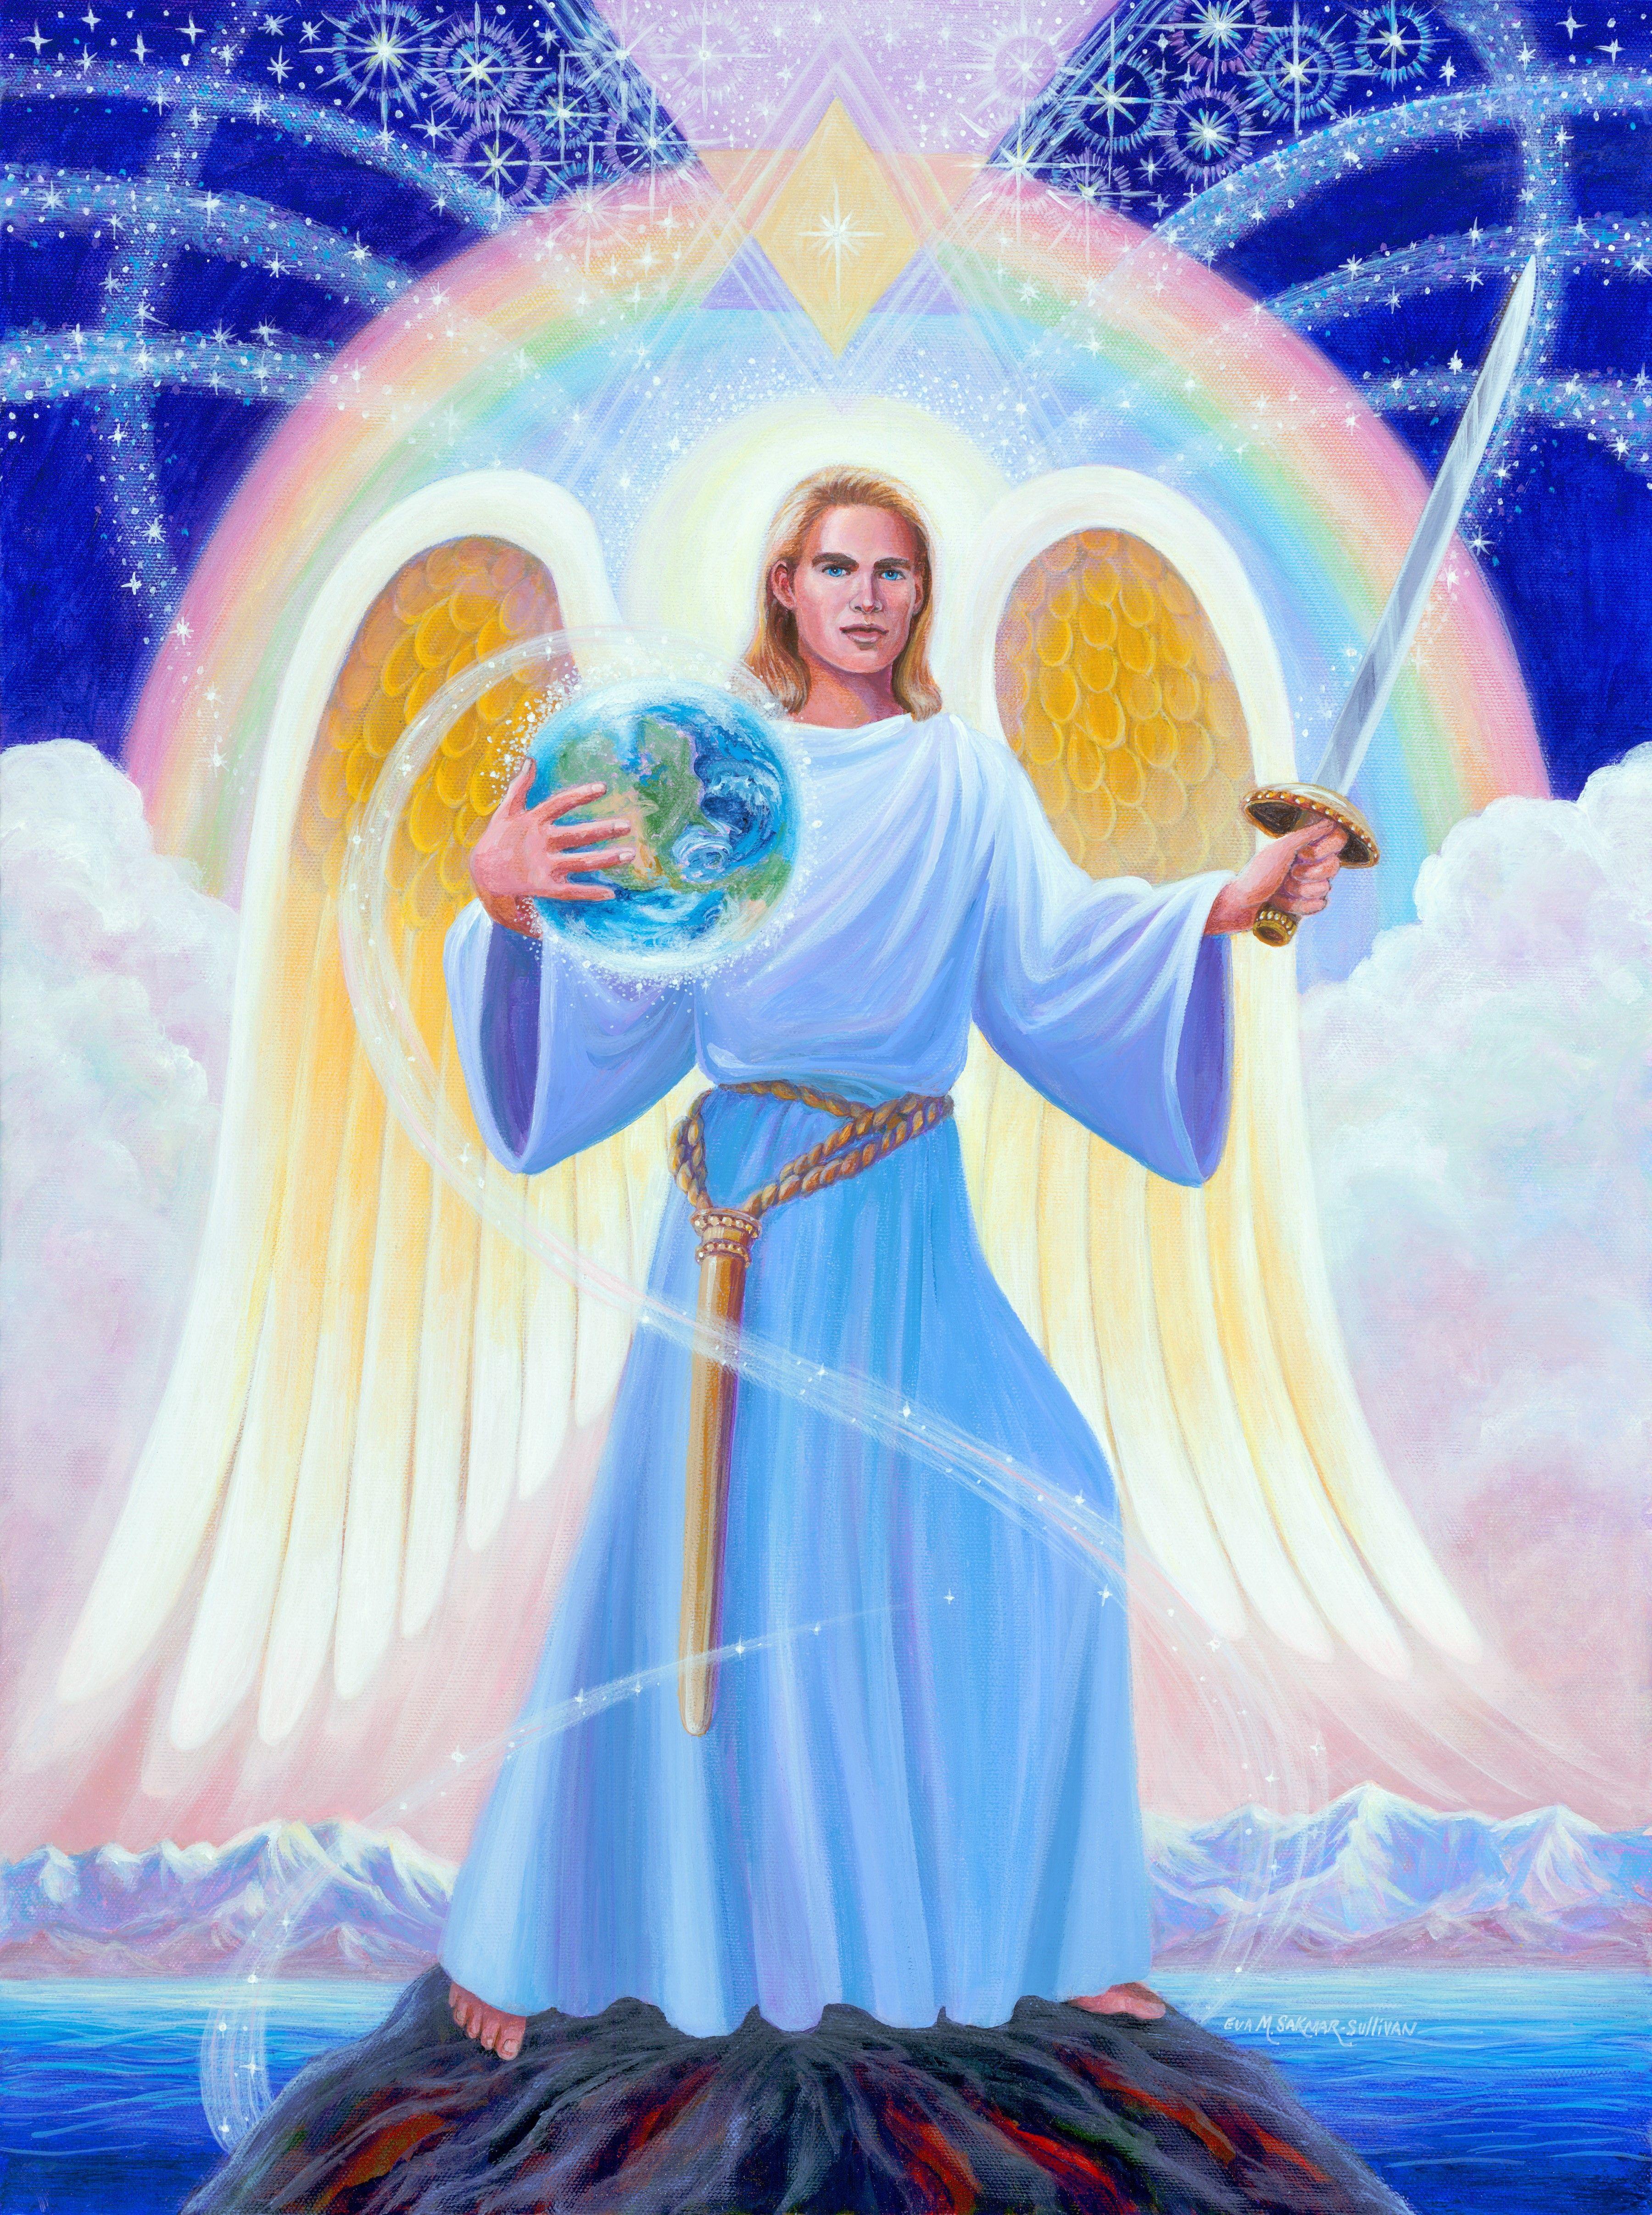 Послание ангела картинки